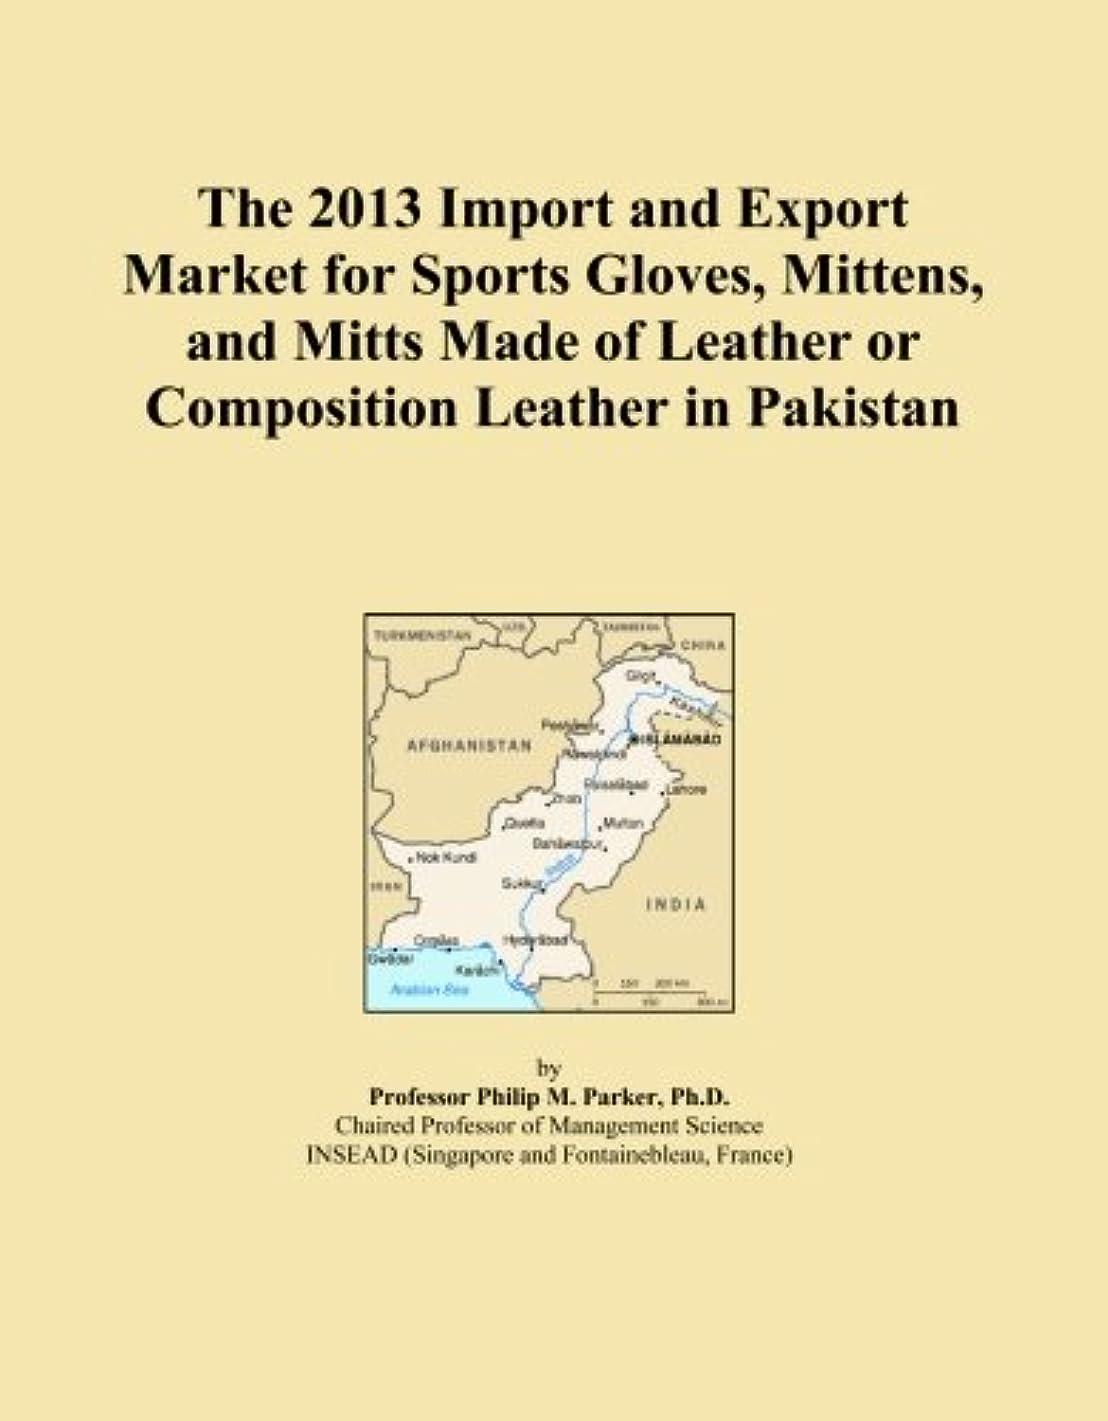 ハンサム古くなった恐ろしいThe 2013 Import and Export Market for Sports Gloves, Mittens, and Mitts Made of Leather or Composition Leather in Pakistan